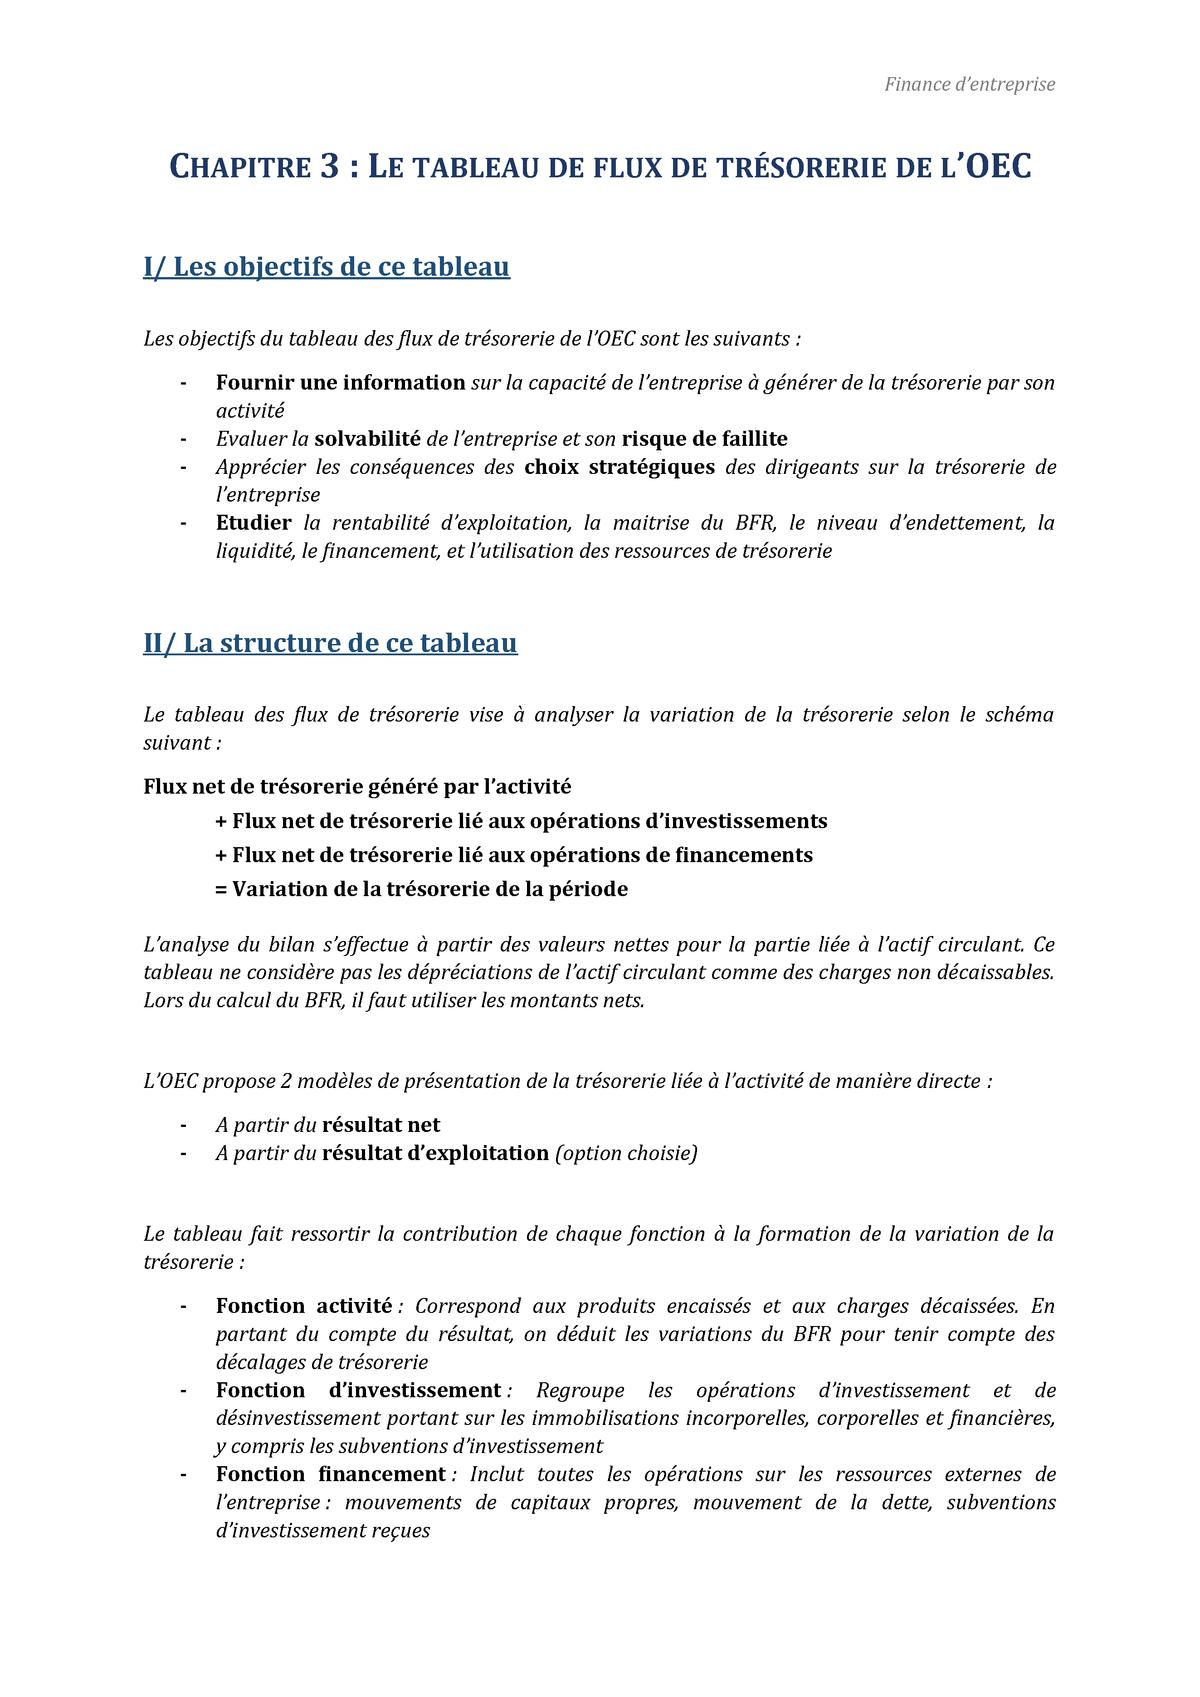 Chapitre 3 Tableau Des Flux Des Tresorerie De L Oec Studocu